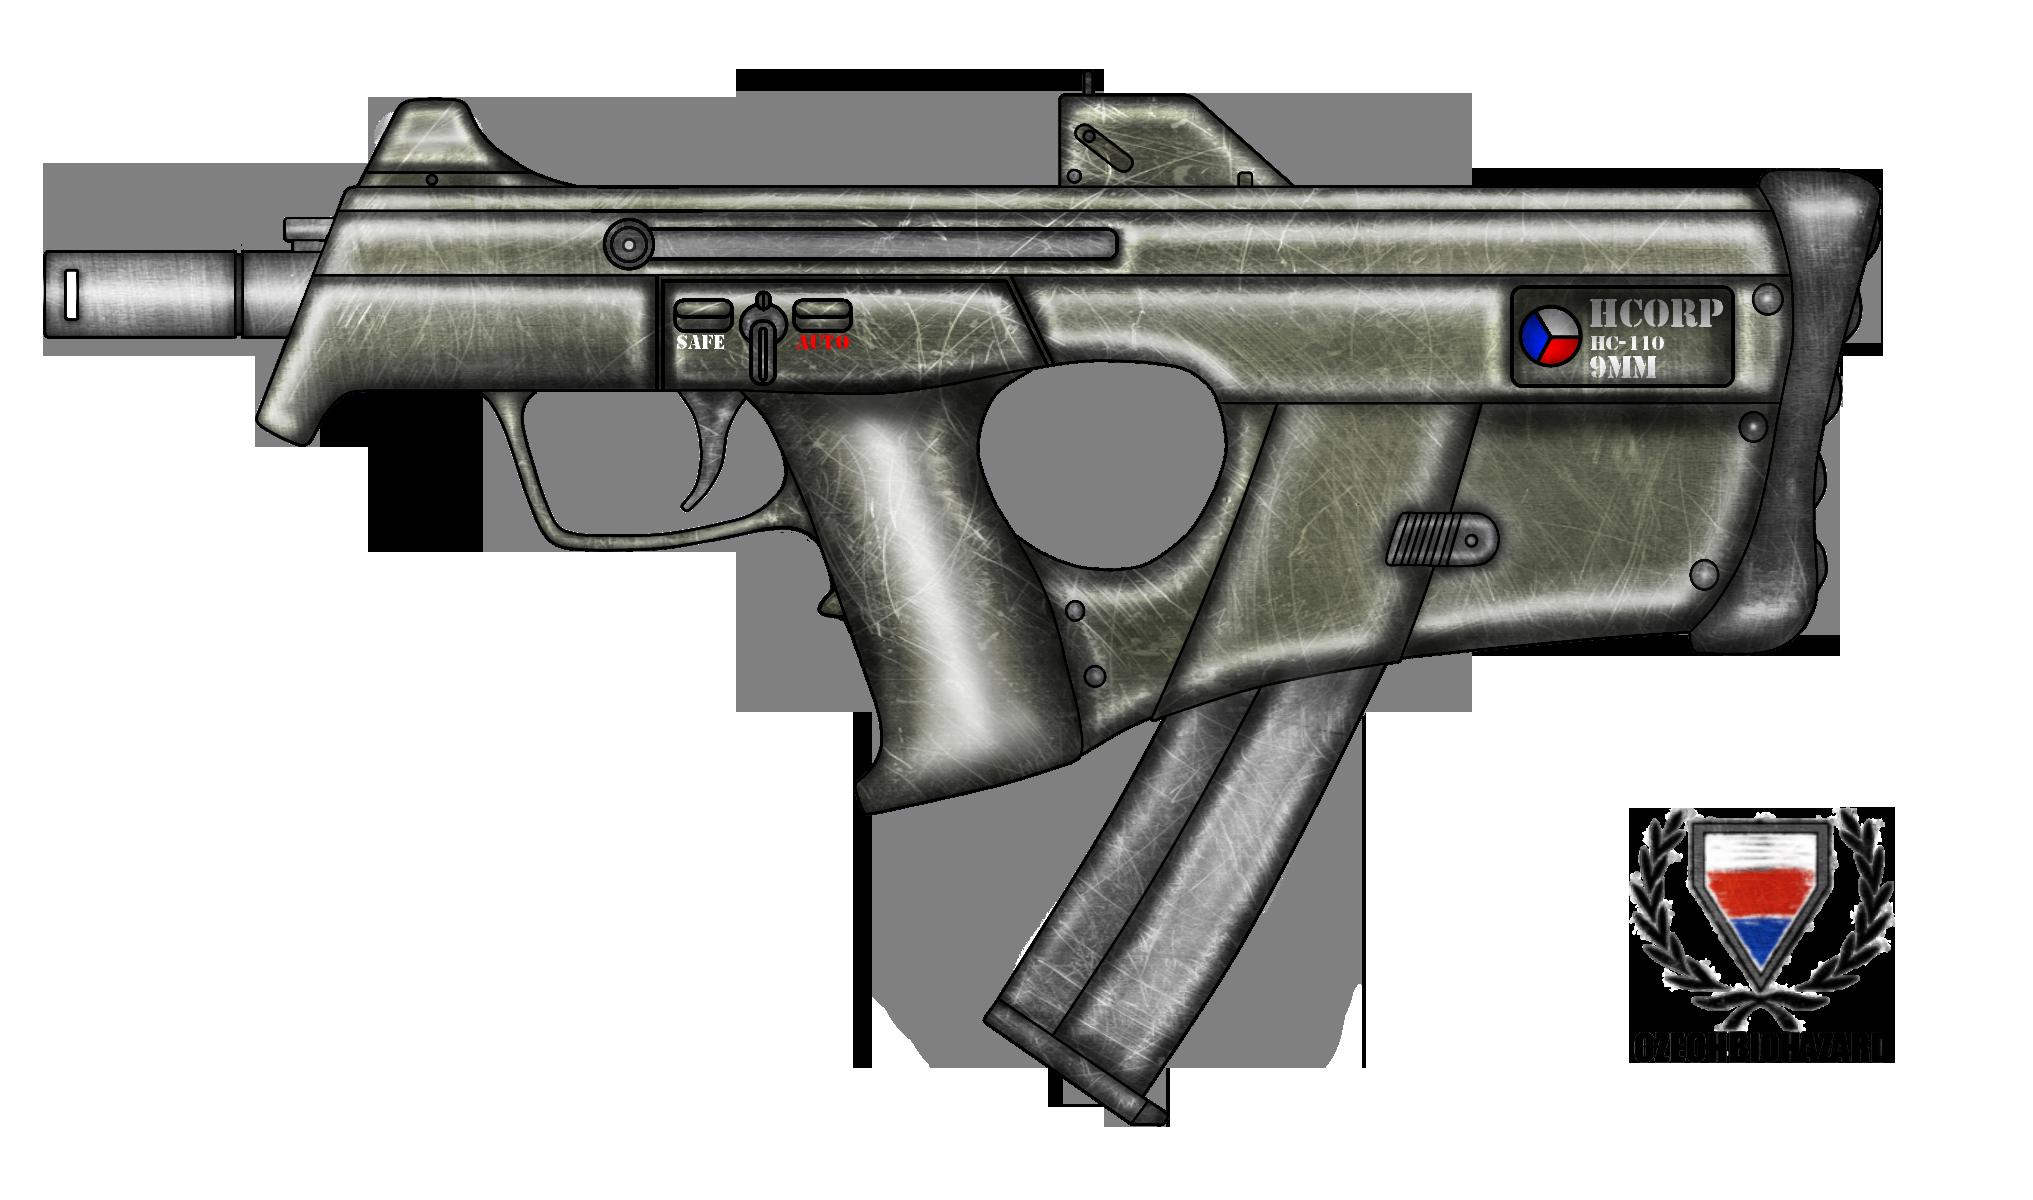 image free download Drawing s gun. Guns ubisafe drawn rifle